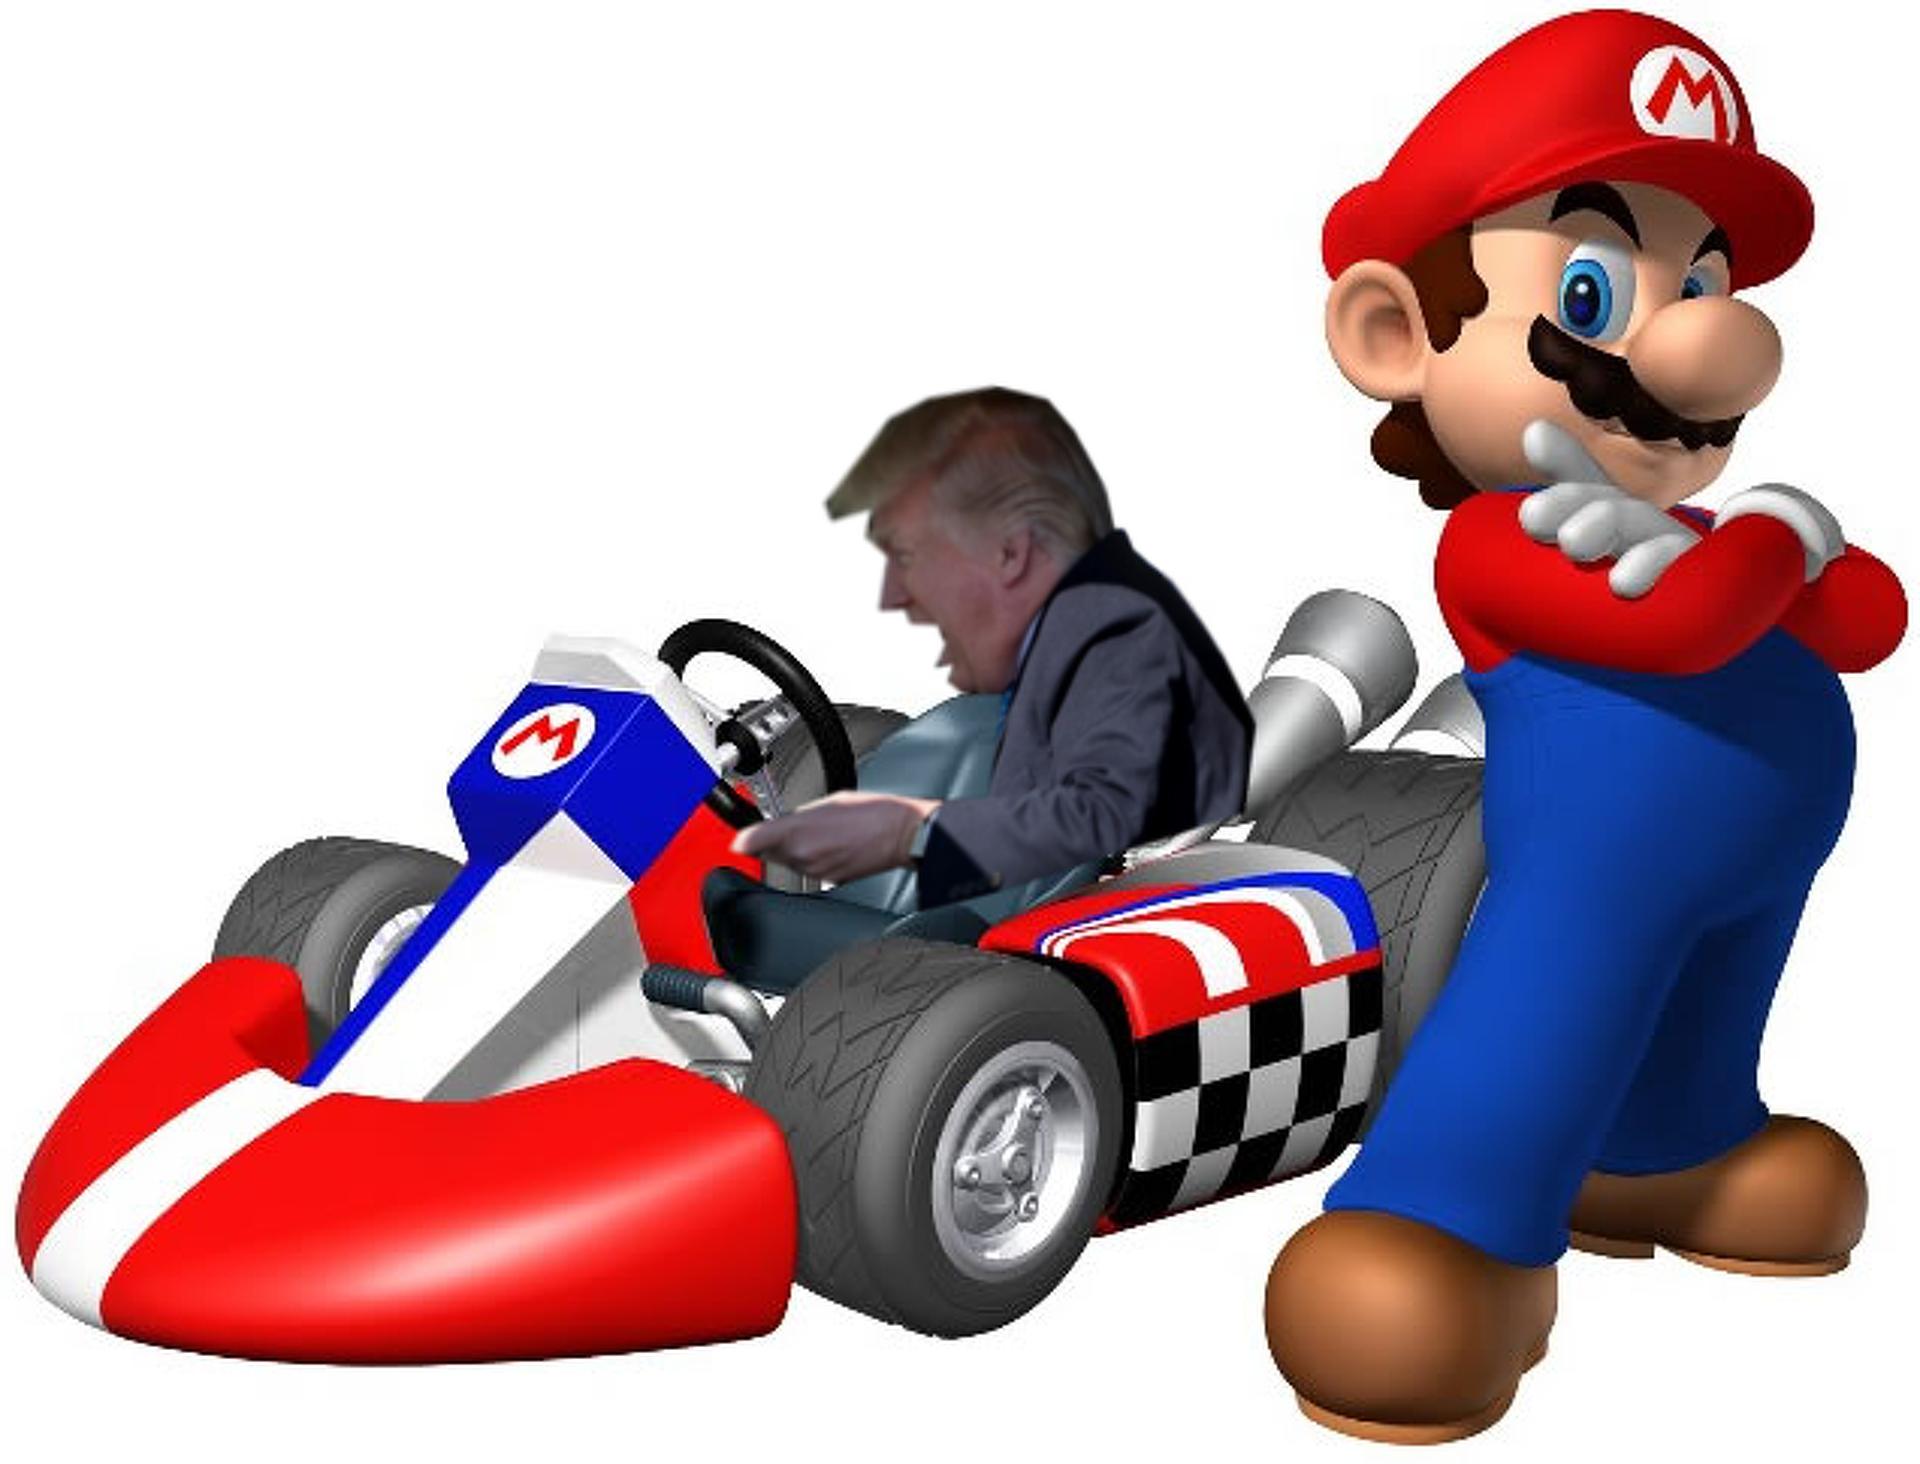 A Mario Kart új versenyzője